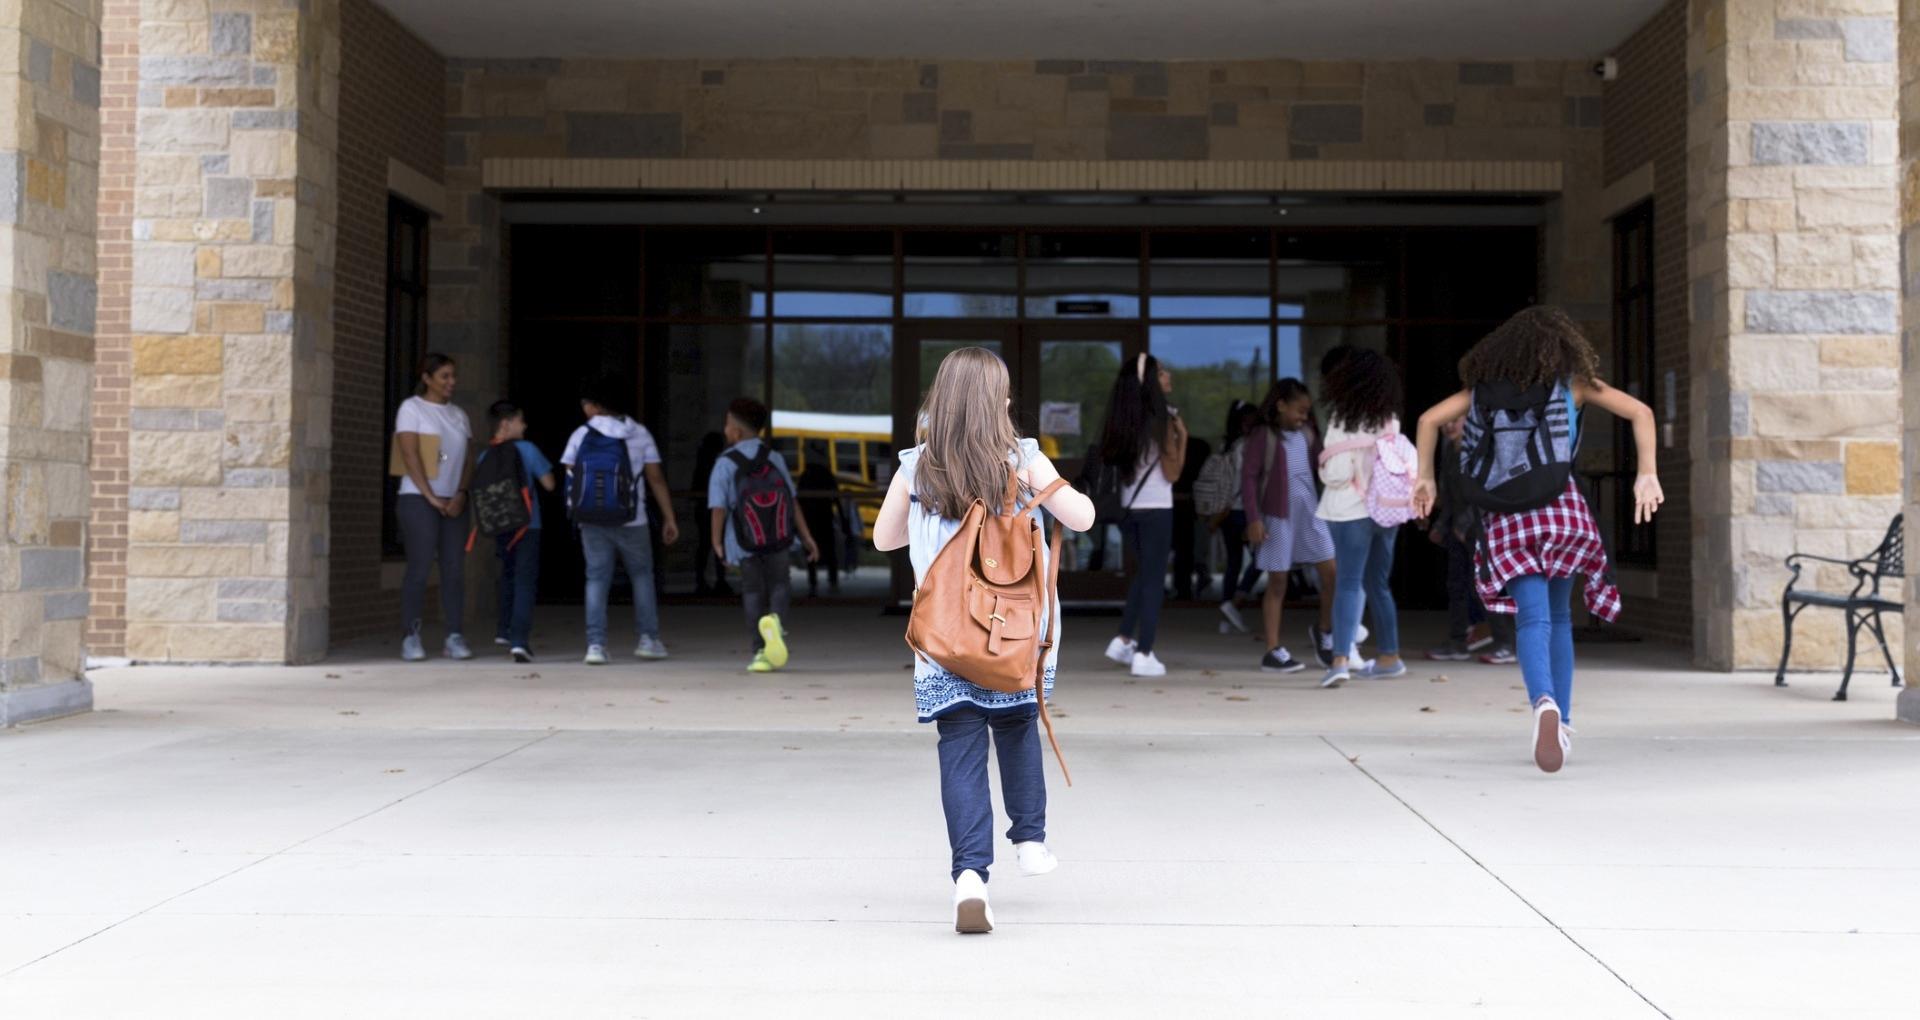 Varsinkin koulupolun ensimmäisinä vuosina ikäluokkansa nuorimmat tarvitsevat enemmän aikuisten tukea koulunkäyntiinsä.